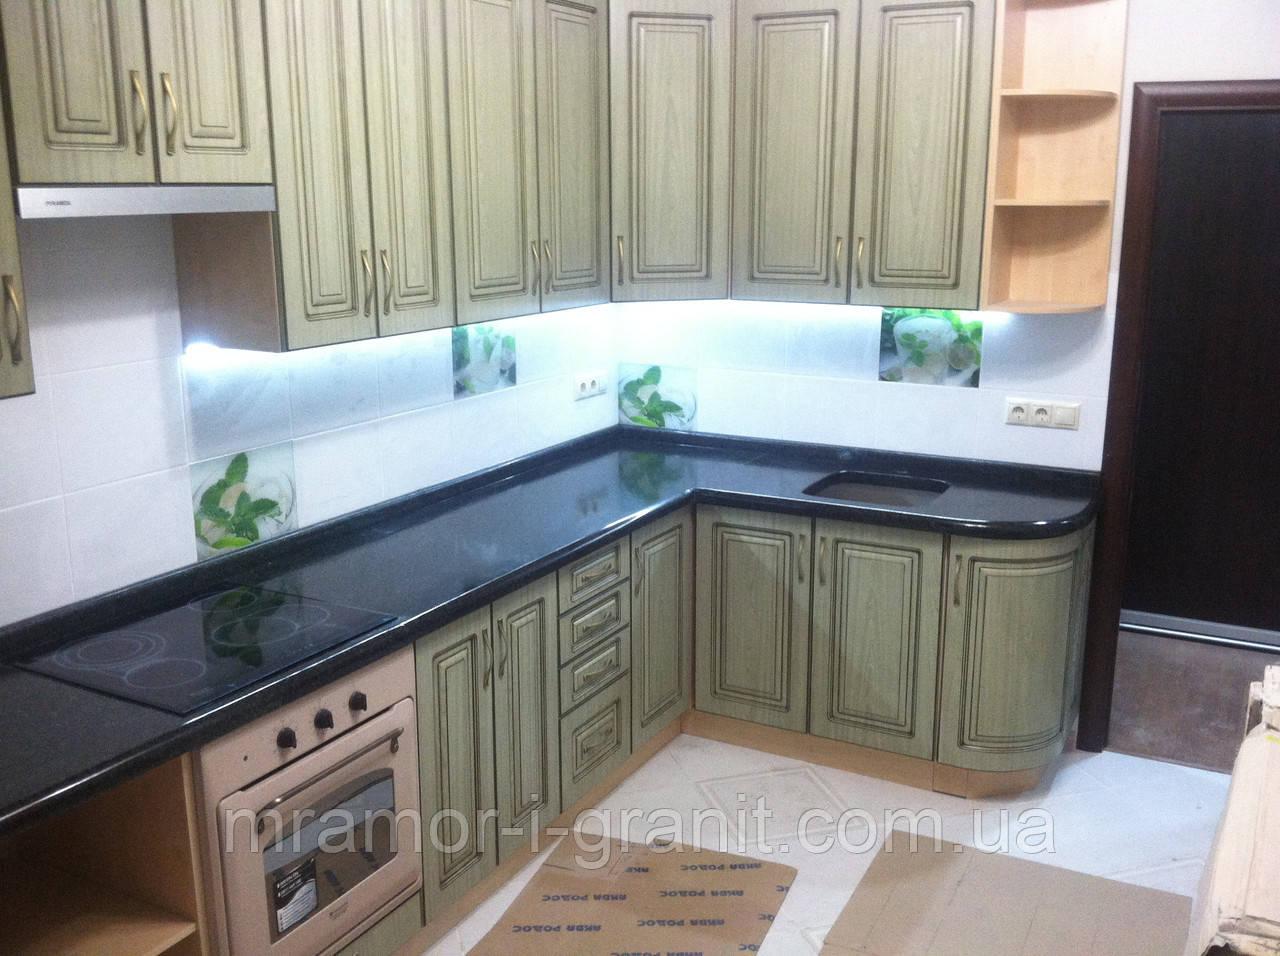 Кухонные столешницы из черного гранита